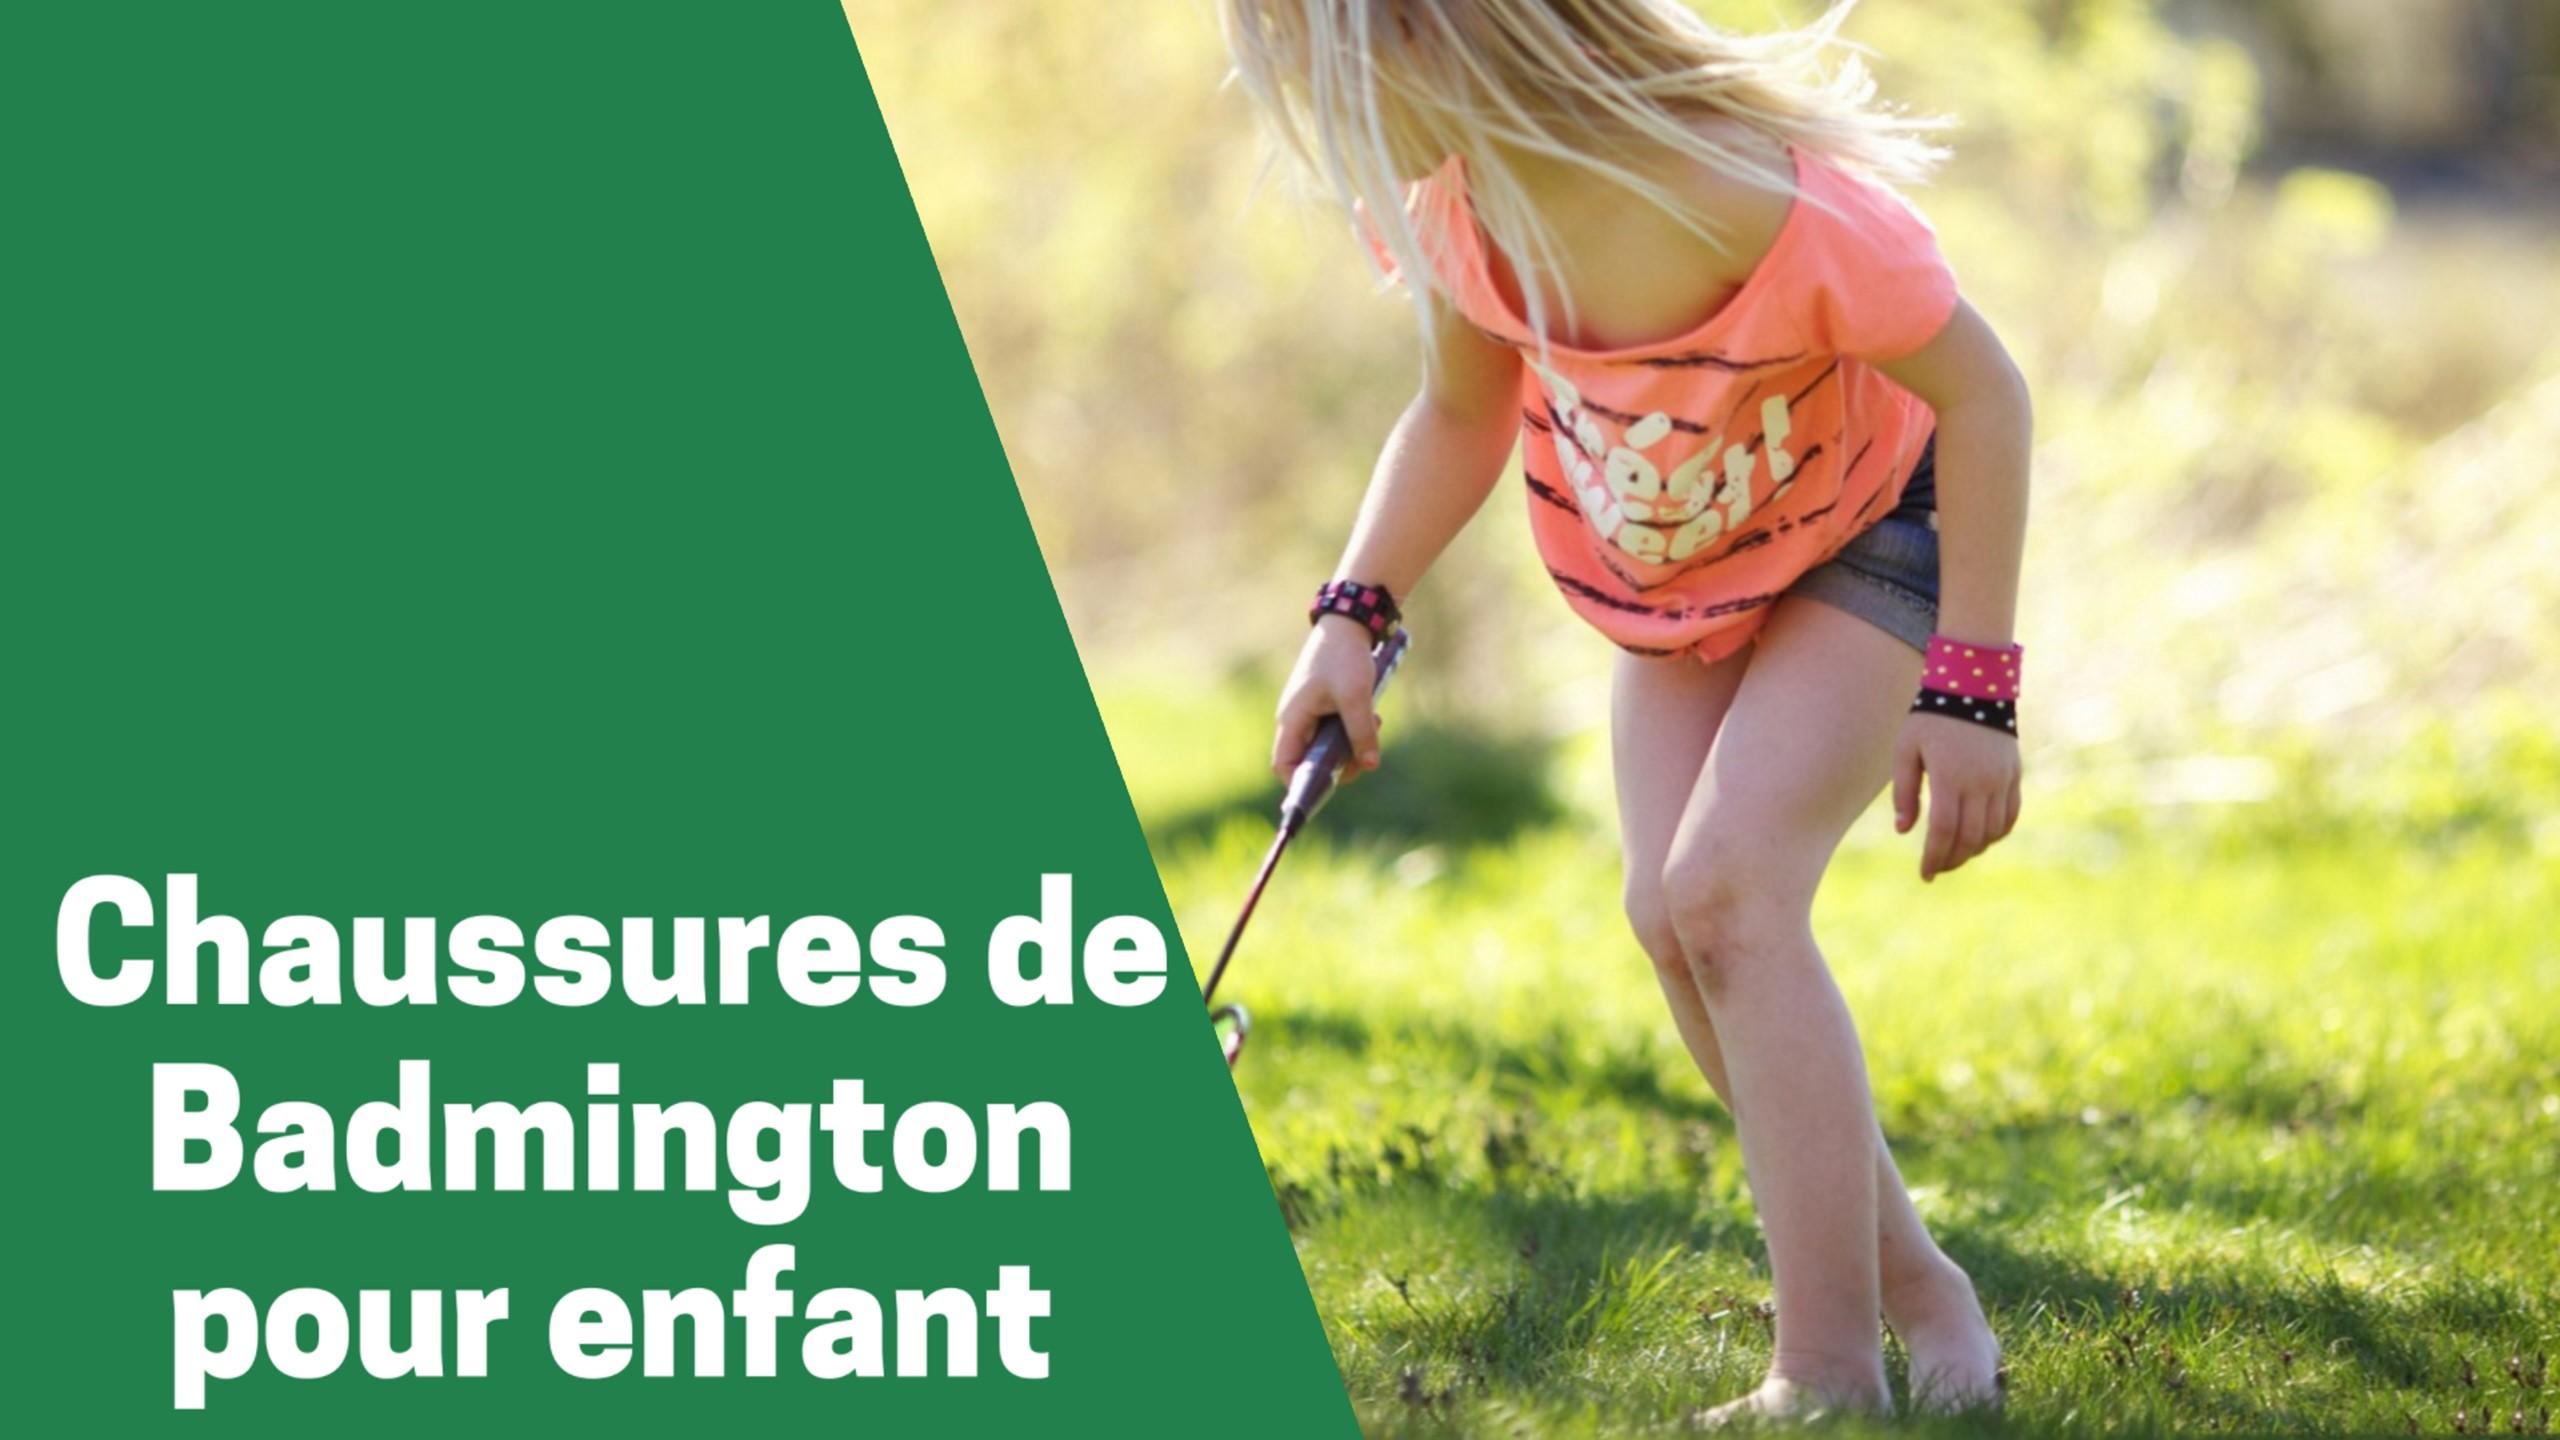 Selection des meilleures chaussure de badminton pour enfant comparatif guide achat avis test